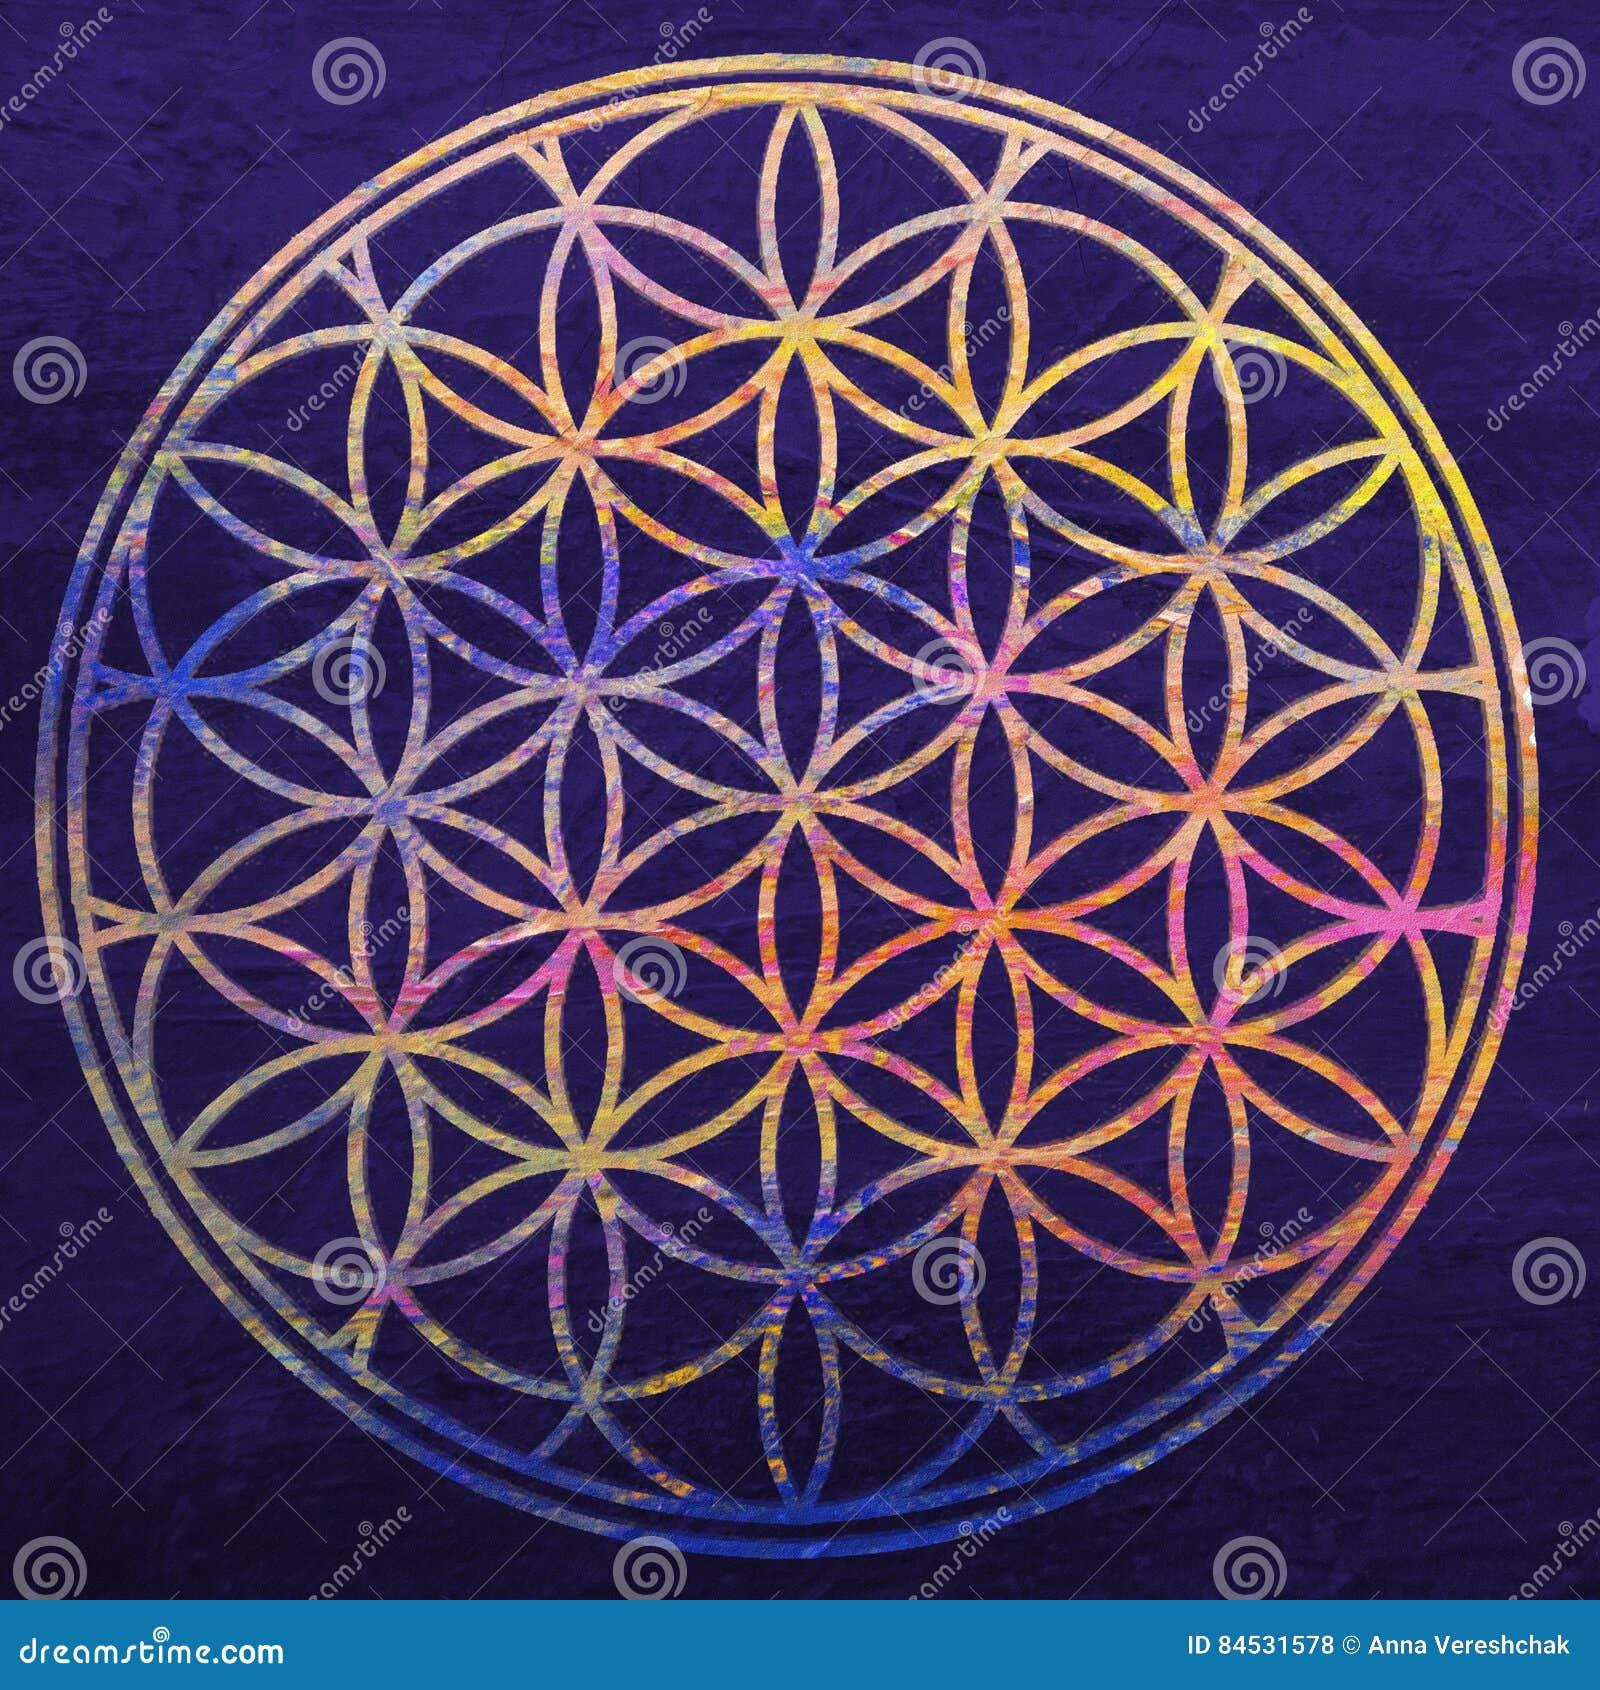 Bloem van het leven Heilige Meetkunde De illustratie van de bloemZen van Lotus Mandalaornament Esoterisch of geestelijk symbool B